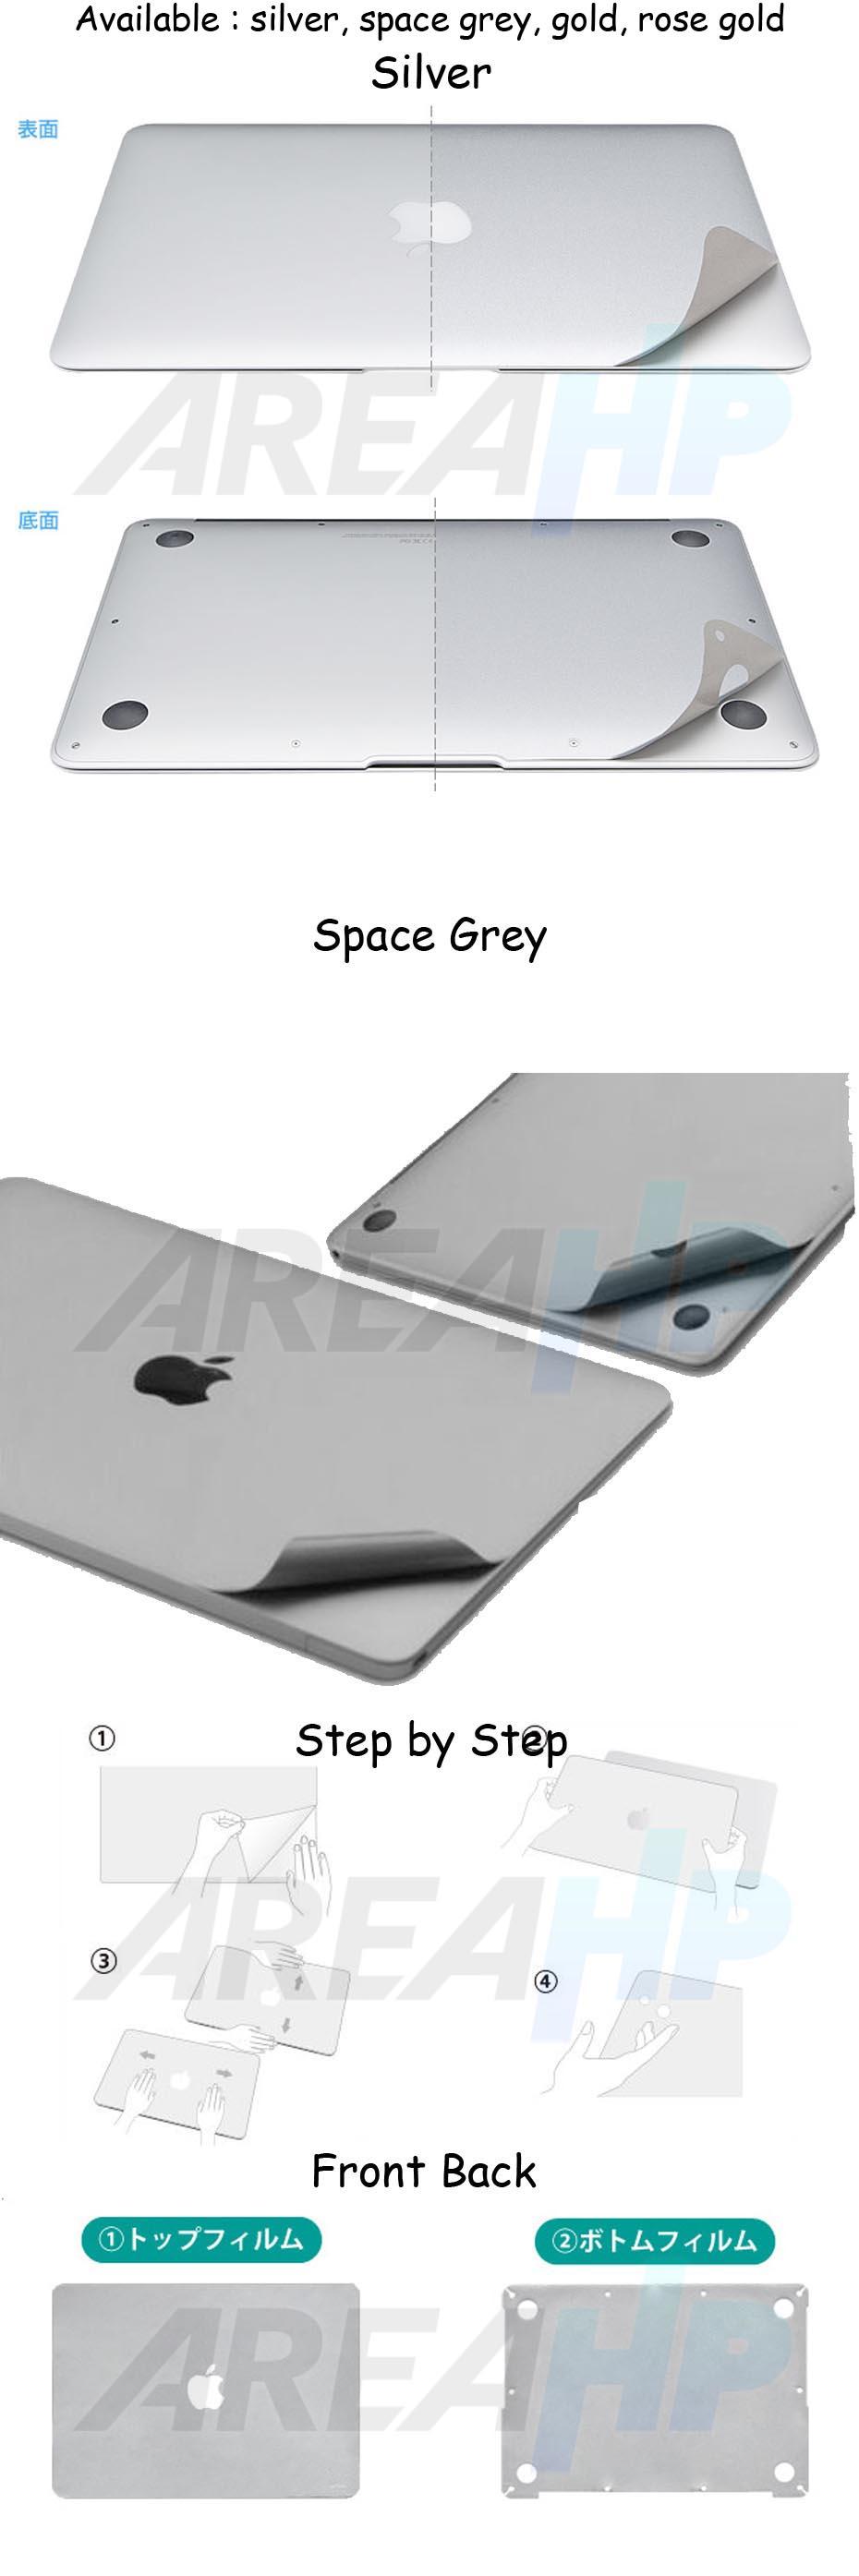 Mac Guard Macbook Pro Touchbar Overview